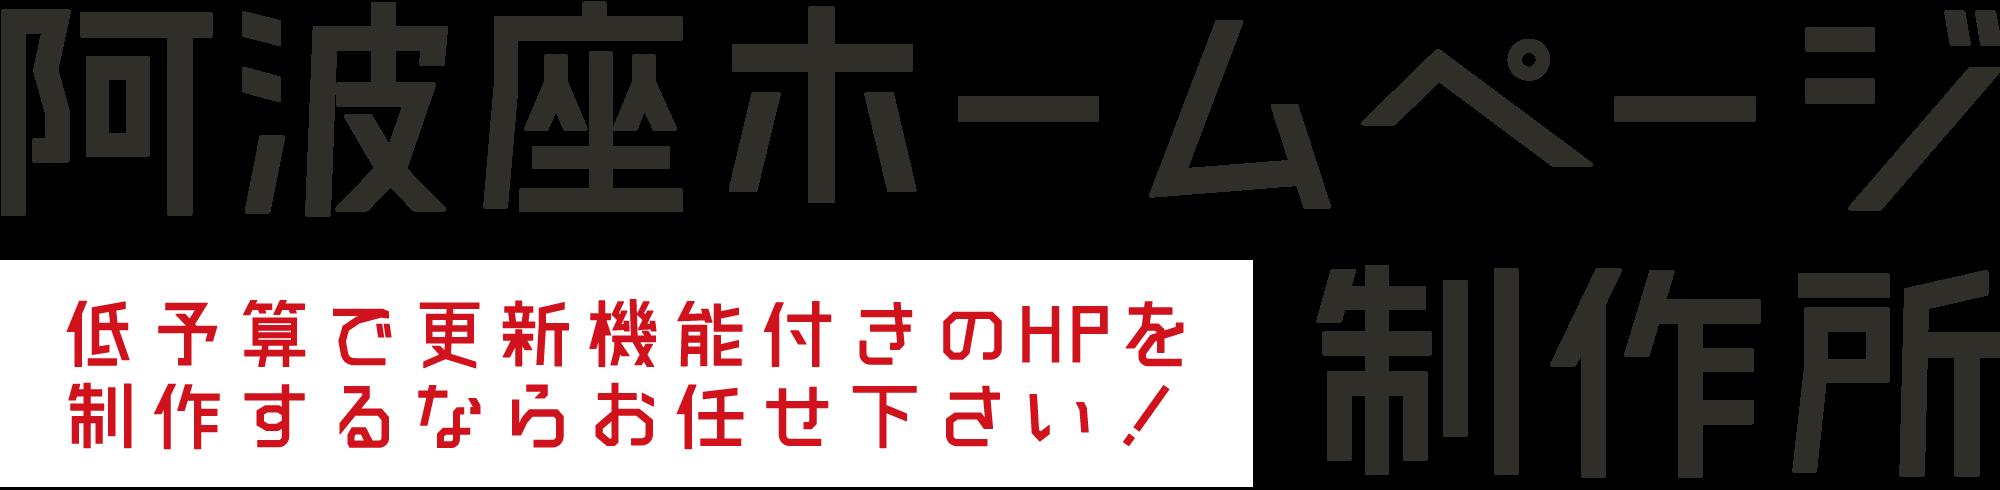 阿波座ホームページ制作所